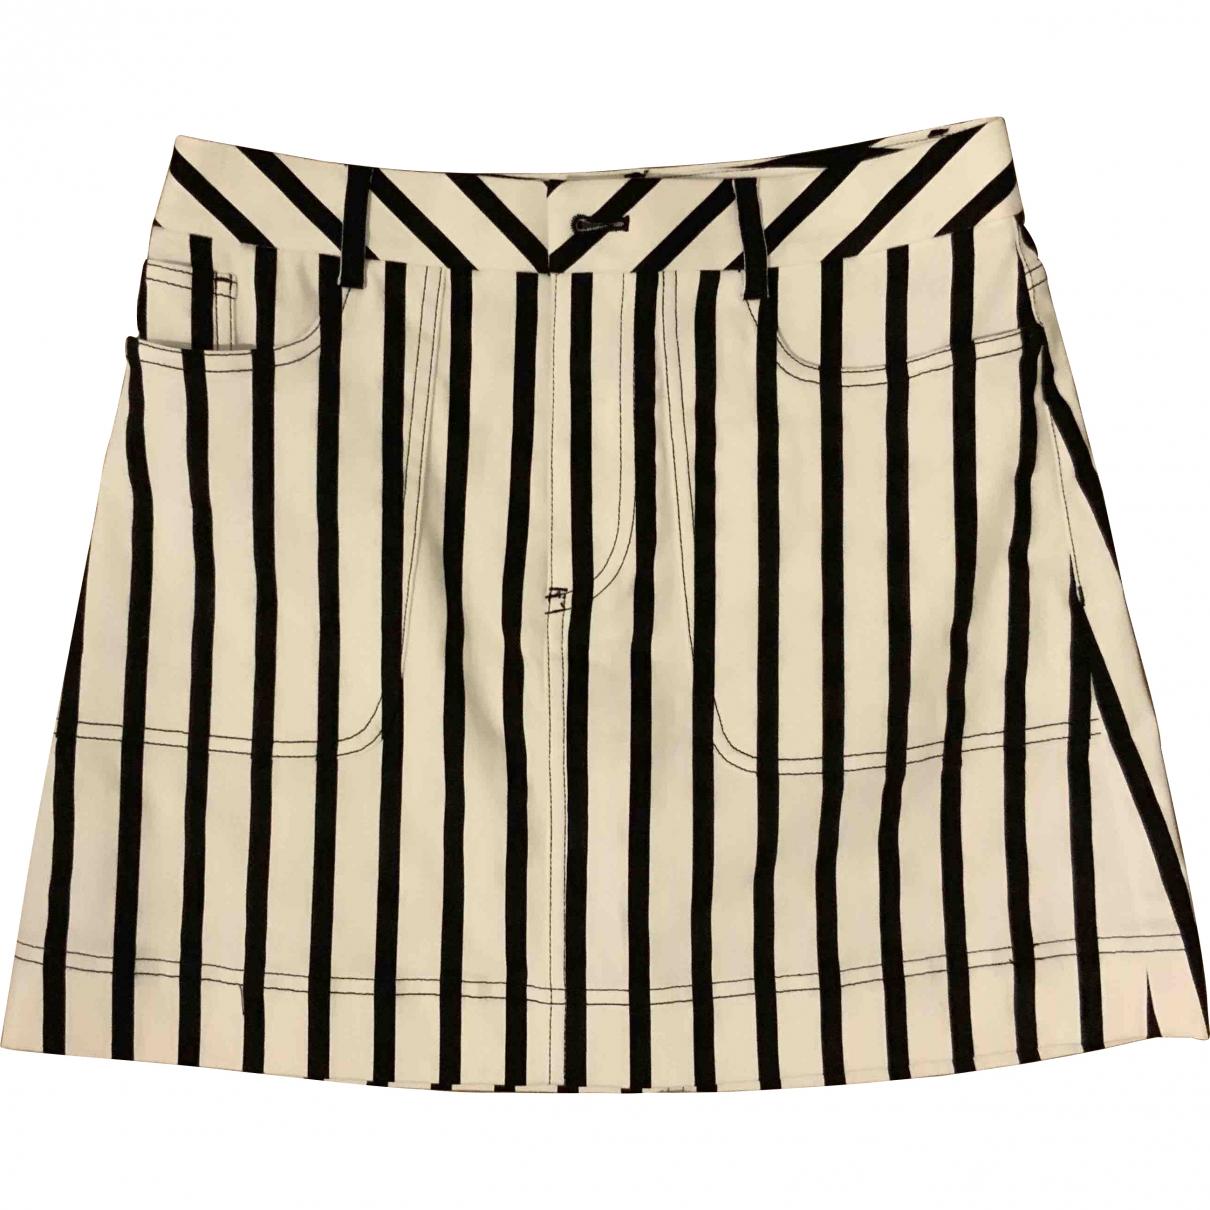 Alice & Olivia \N Cotton skirt for Women 2 US